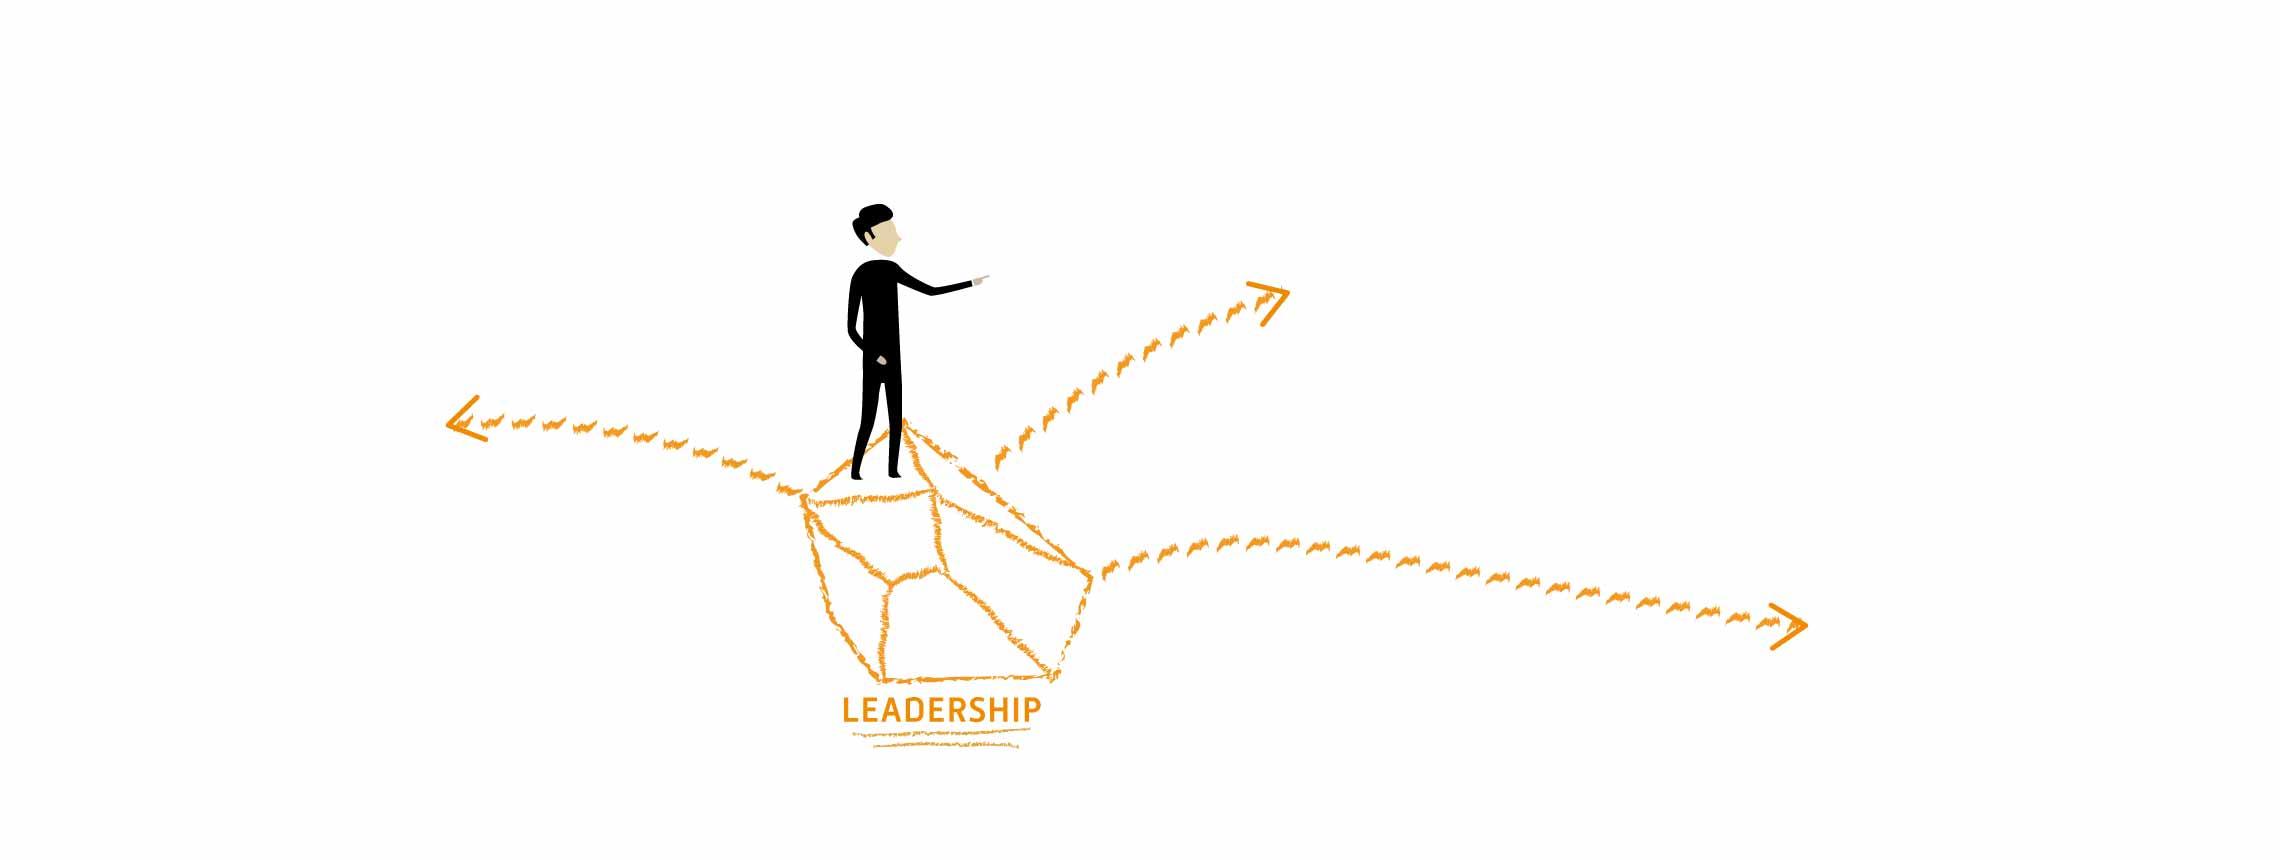 mitos_leadership_3-Dimensionen_1